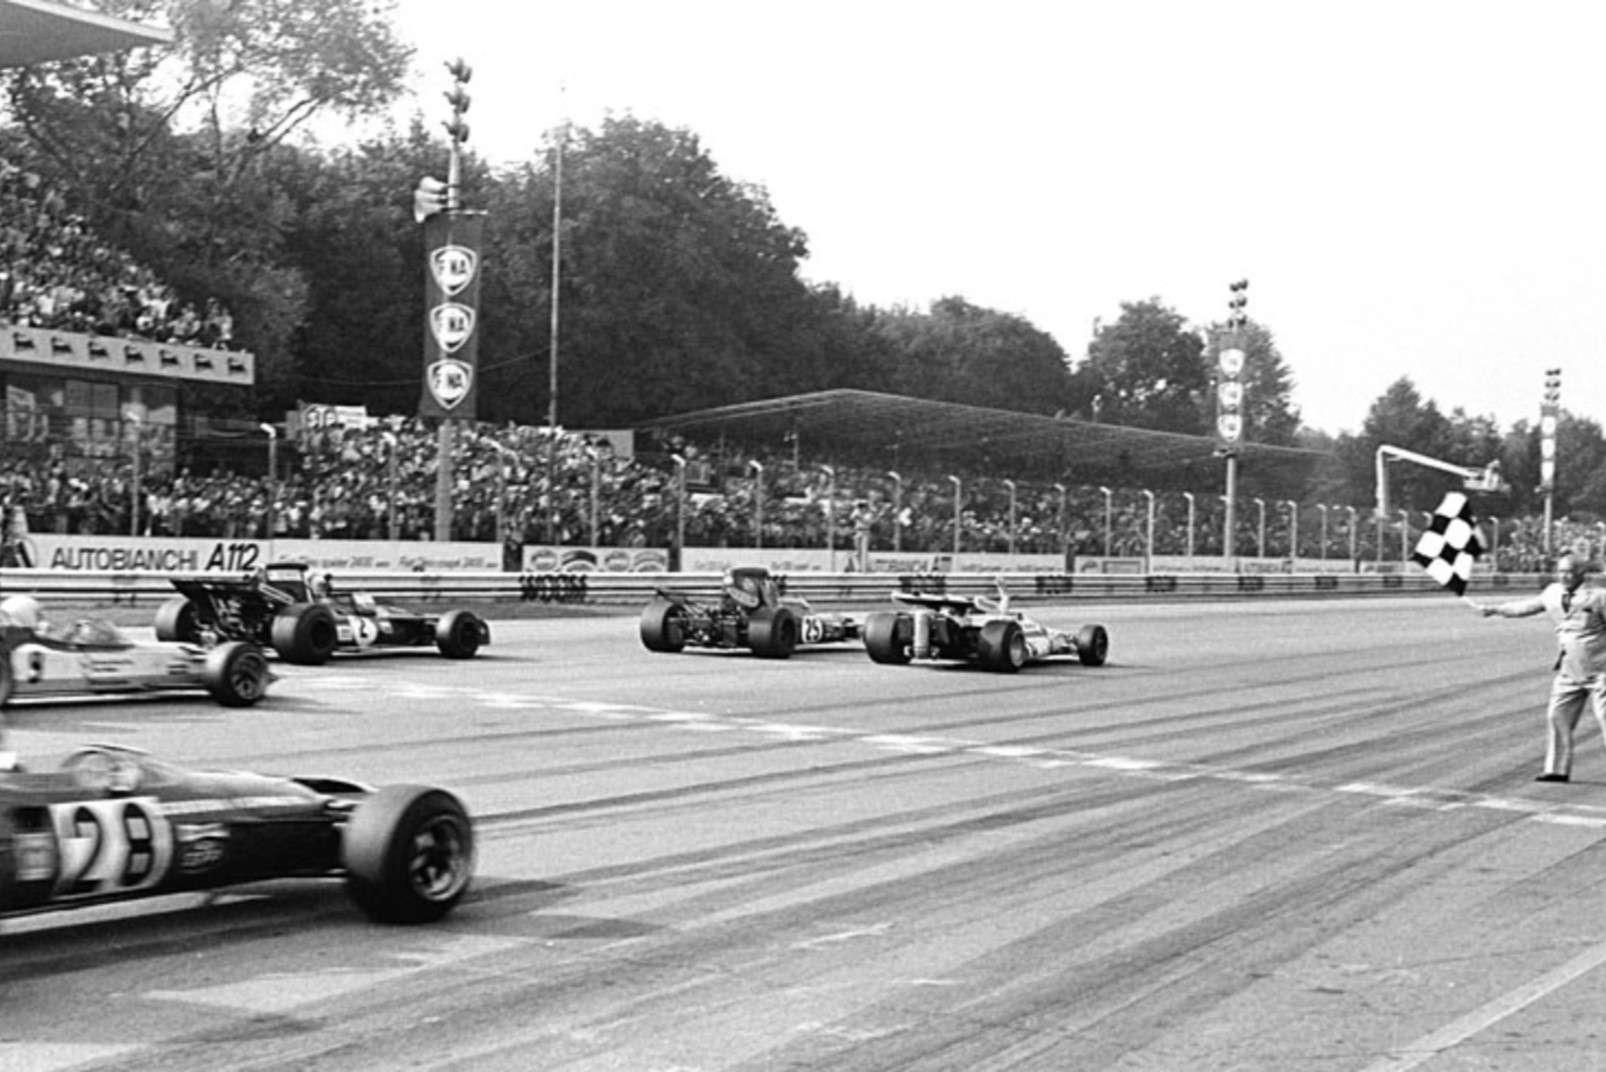 End of the 1971 Italian Grand Prix, Monza